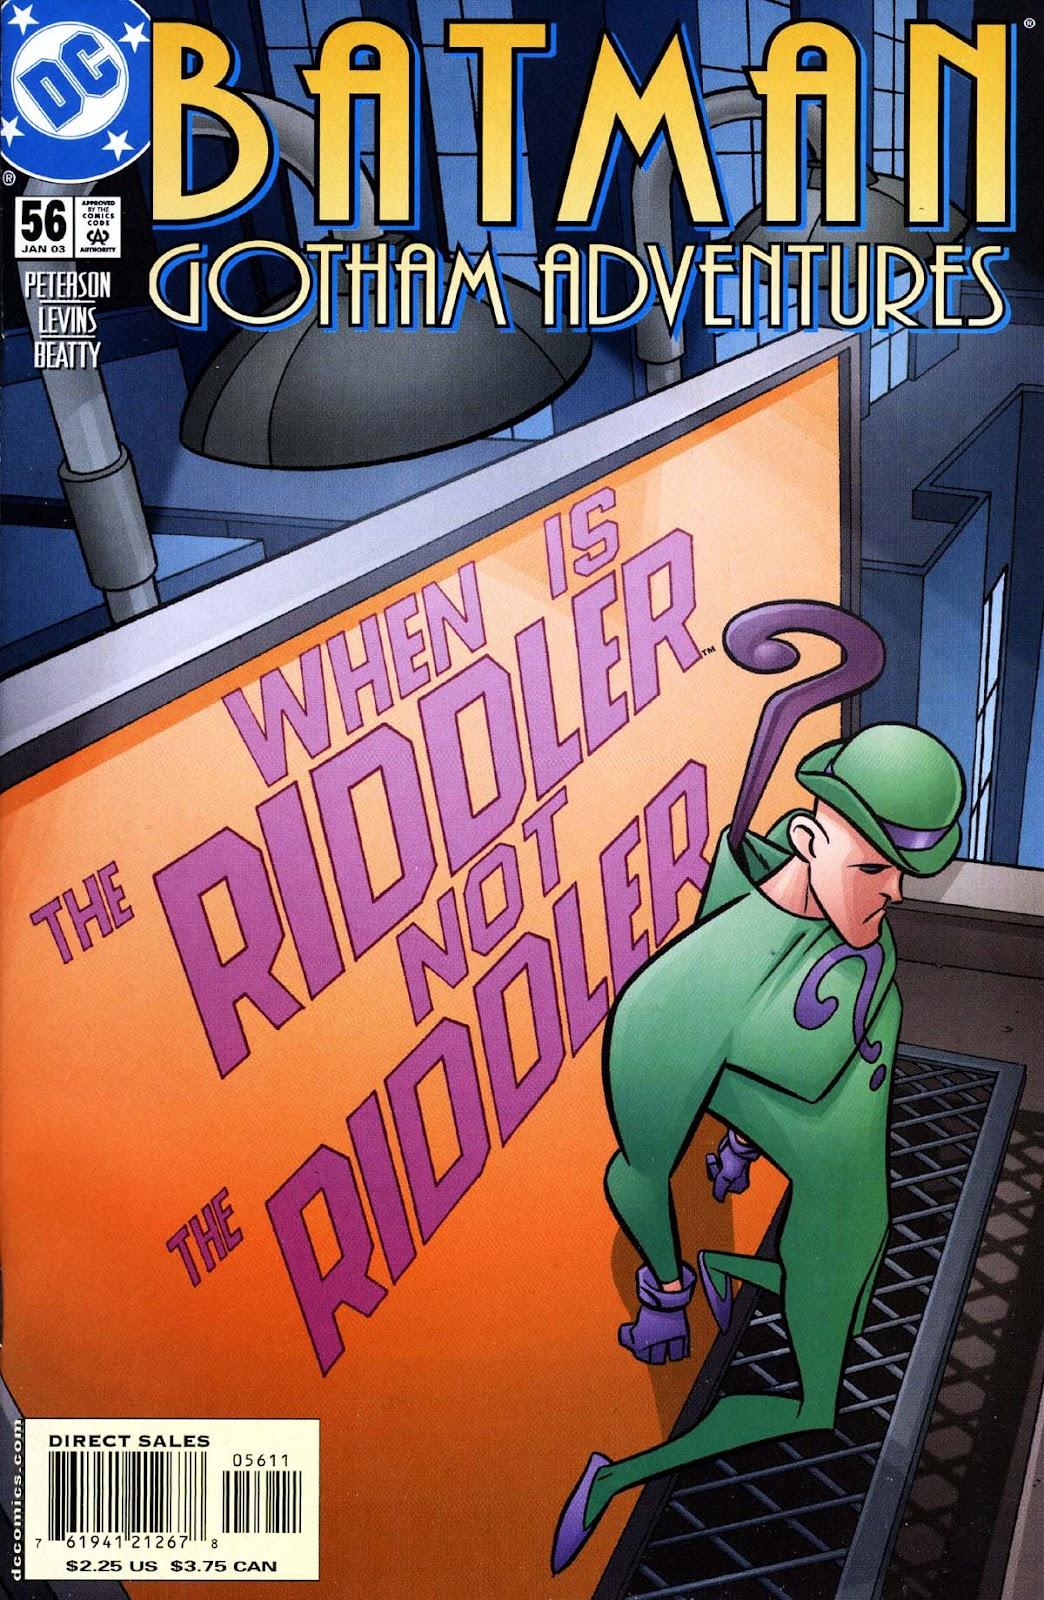 Batman: Gotham Adventures issue 56 - Page 1